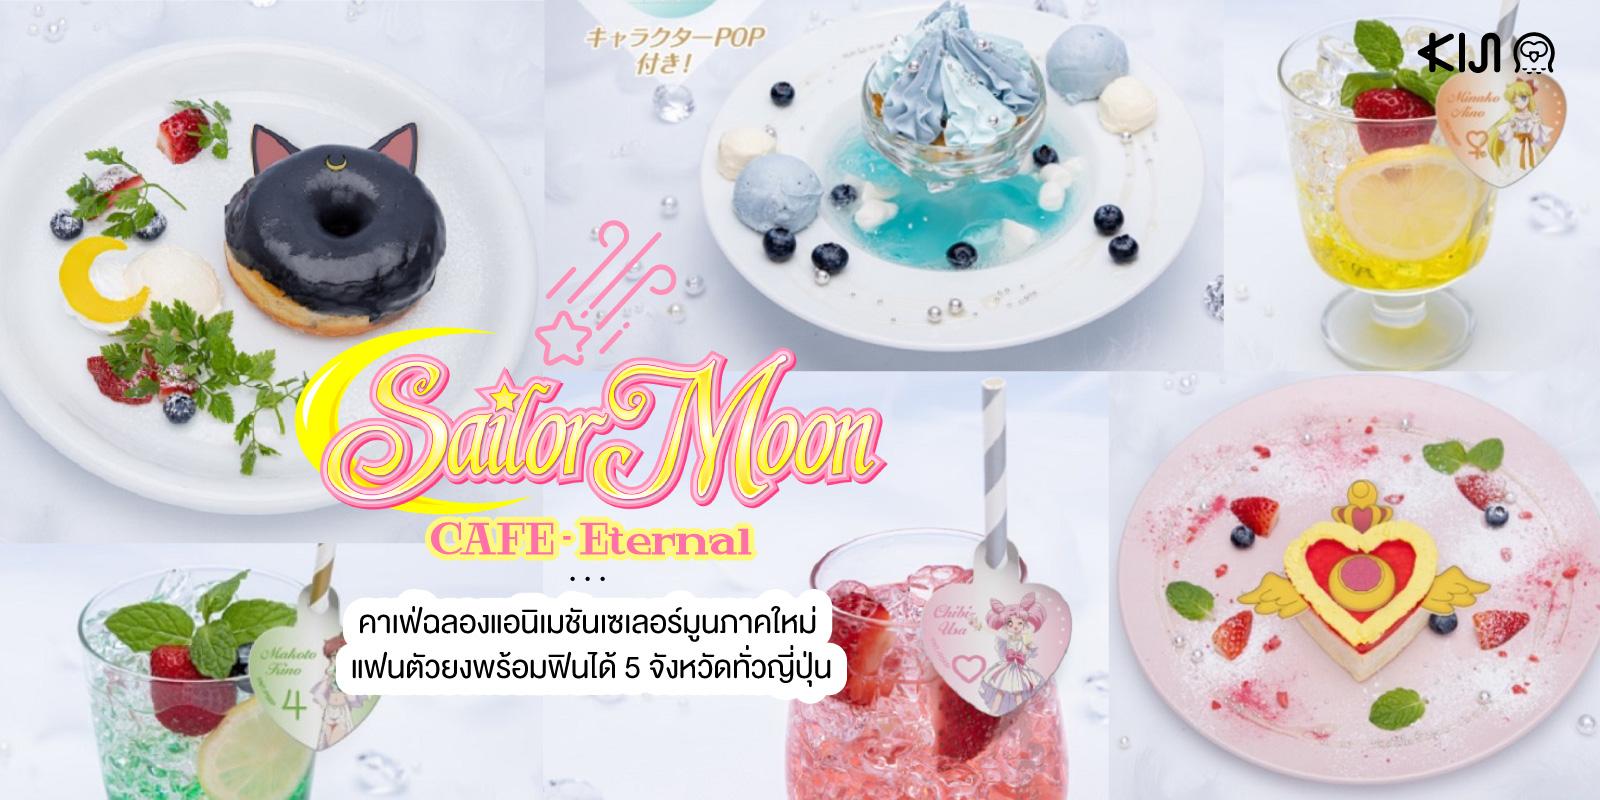 Sailor Moon CAFE คาเฟ่สุดพิเศษฉลองการเปิดตัวภาพยนตร์แอนิเมชัน 'Sailor Moon Eternal'